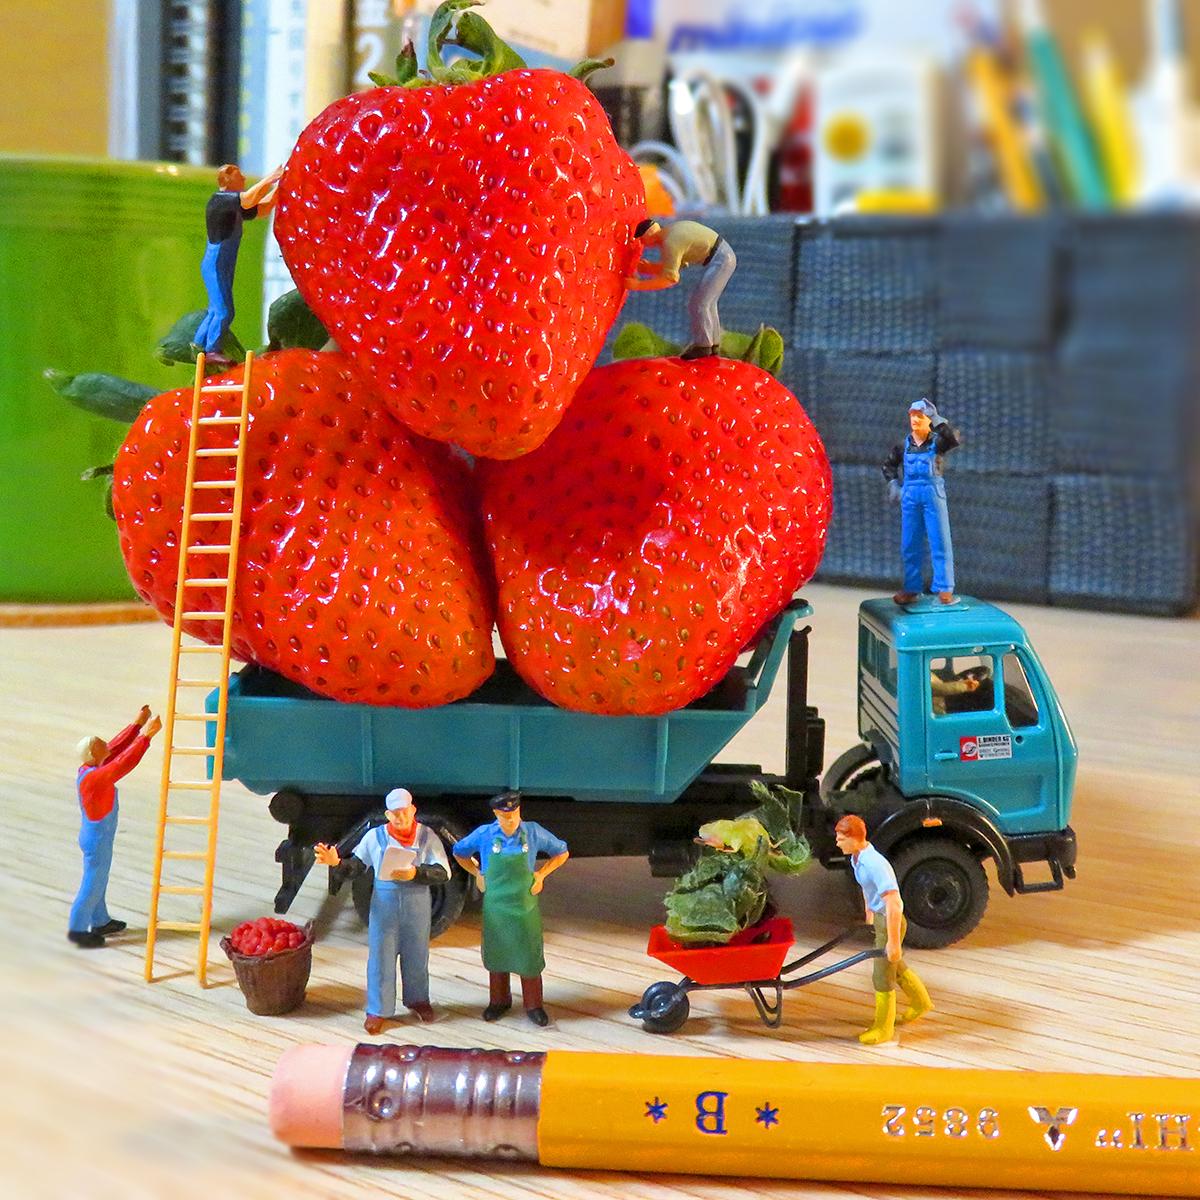 巨大イチゴをトラックに載せて出荷する作業員